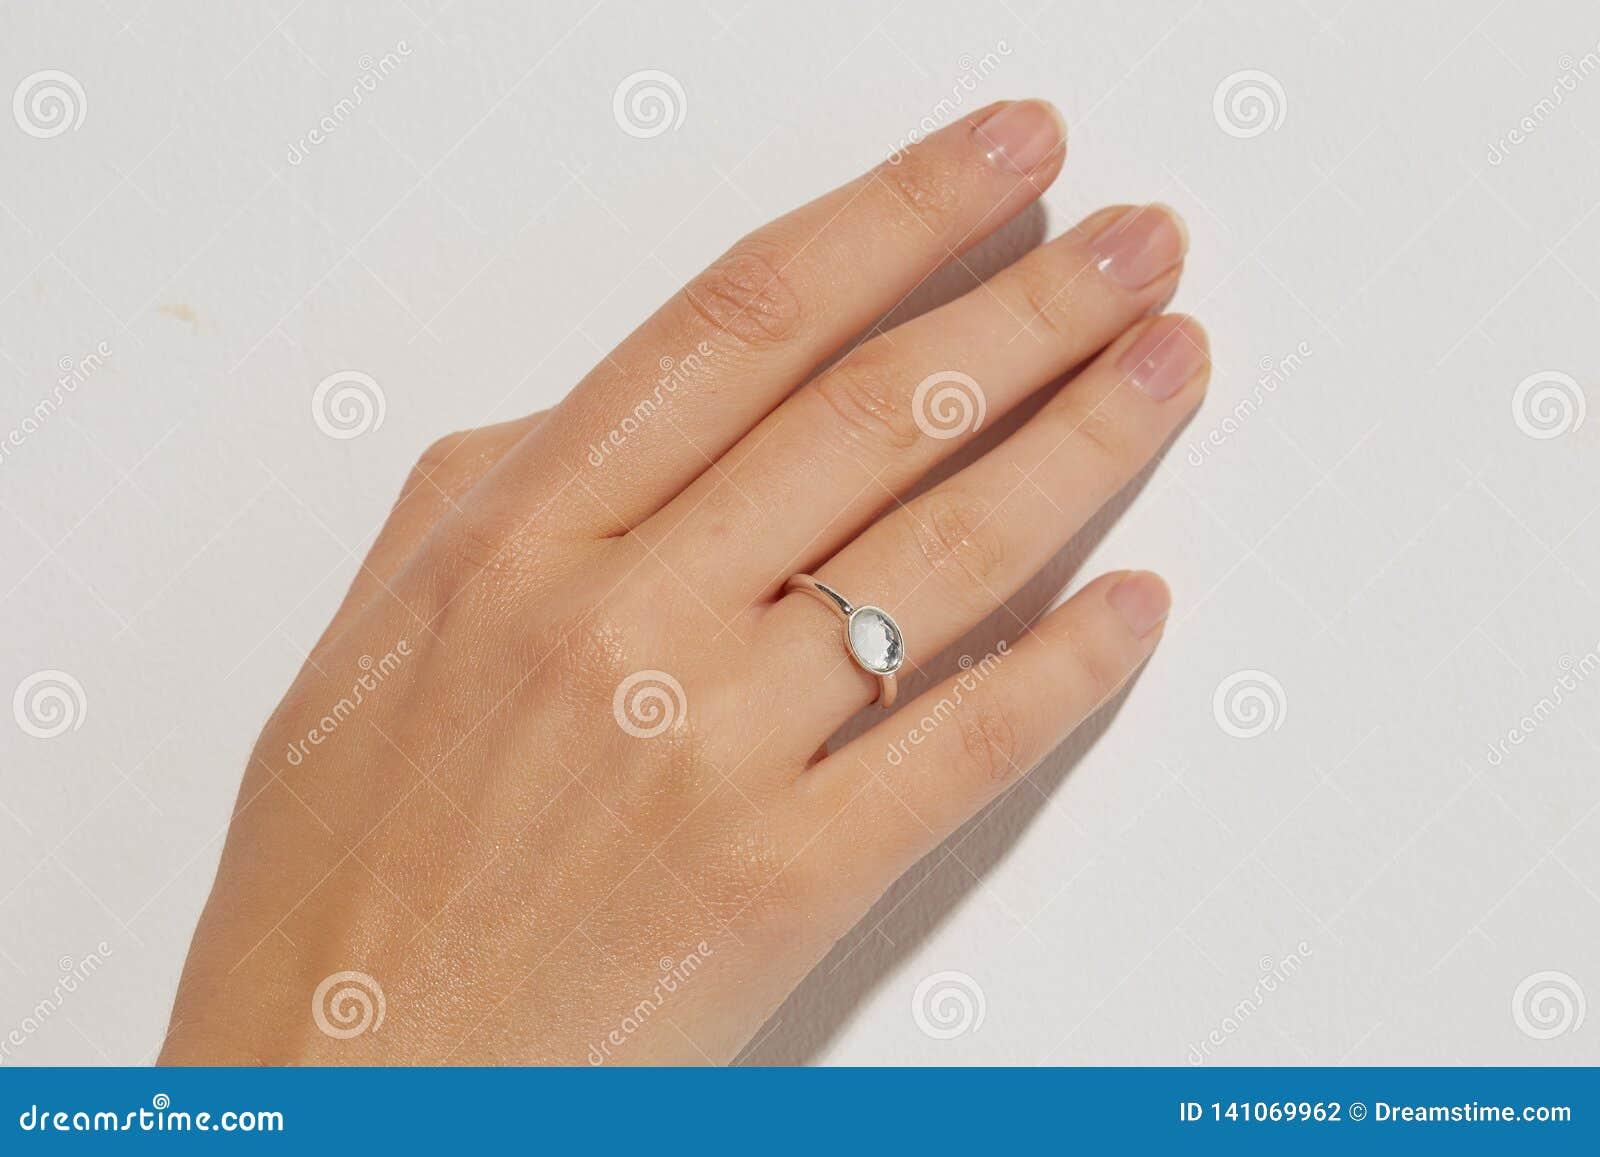 Θηλυκό χέρι με δαχτυλίδια